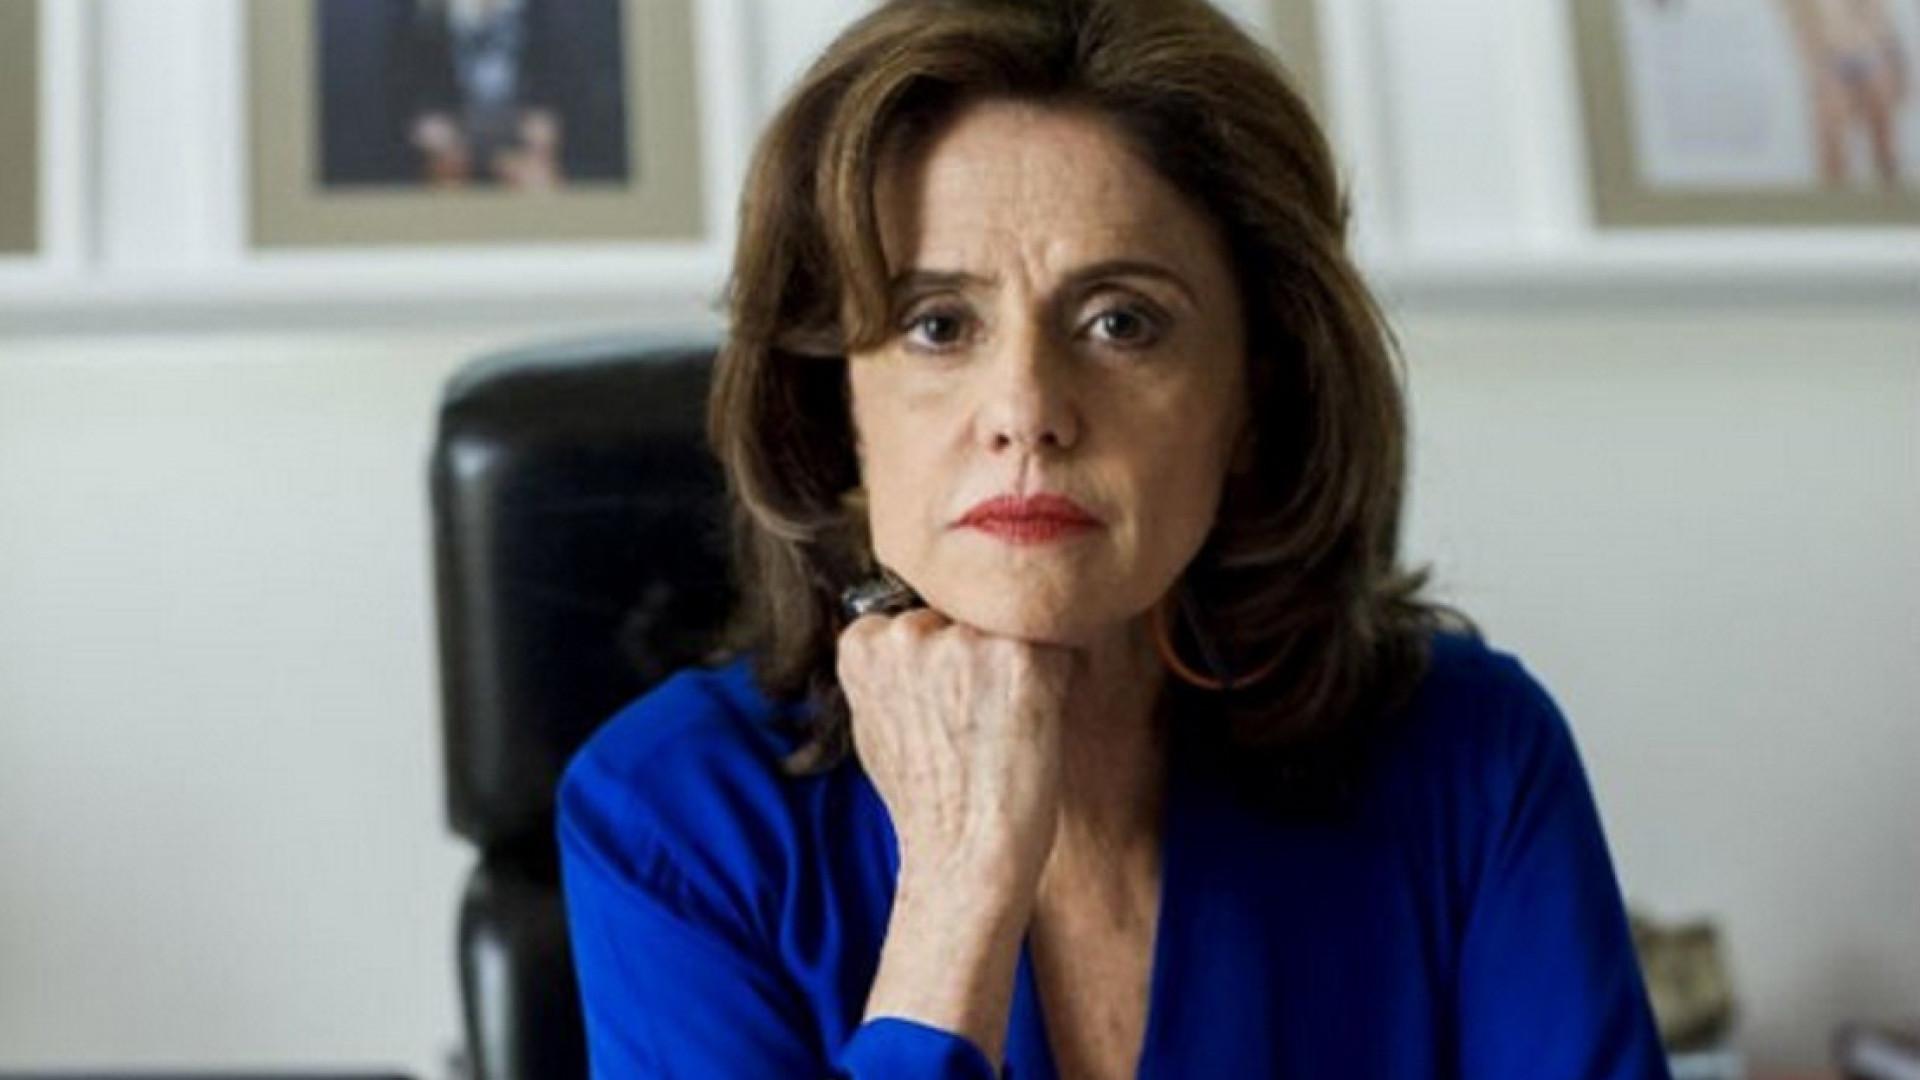 Marieta Severo diz que teve 'medo e pânico' ao enfrentar a Covid